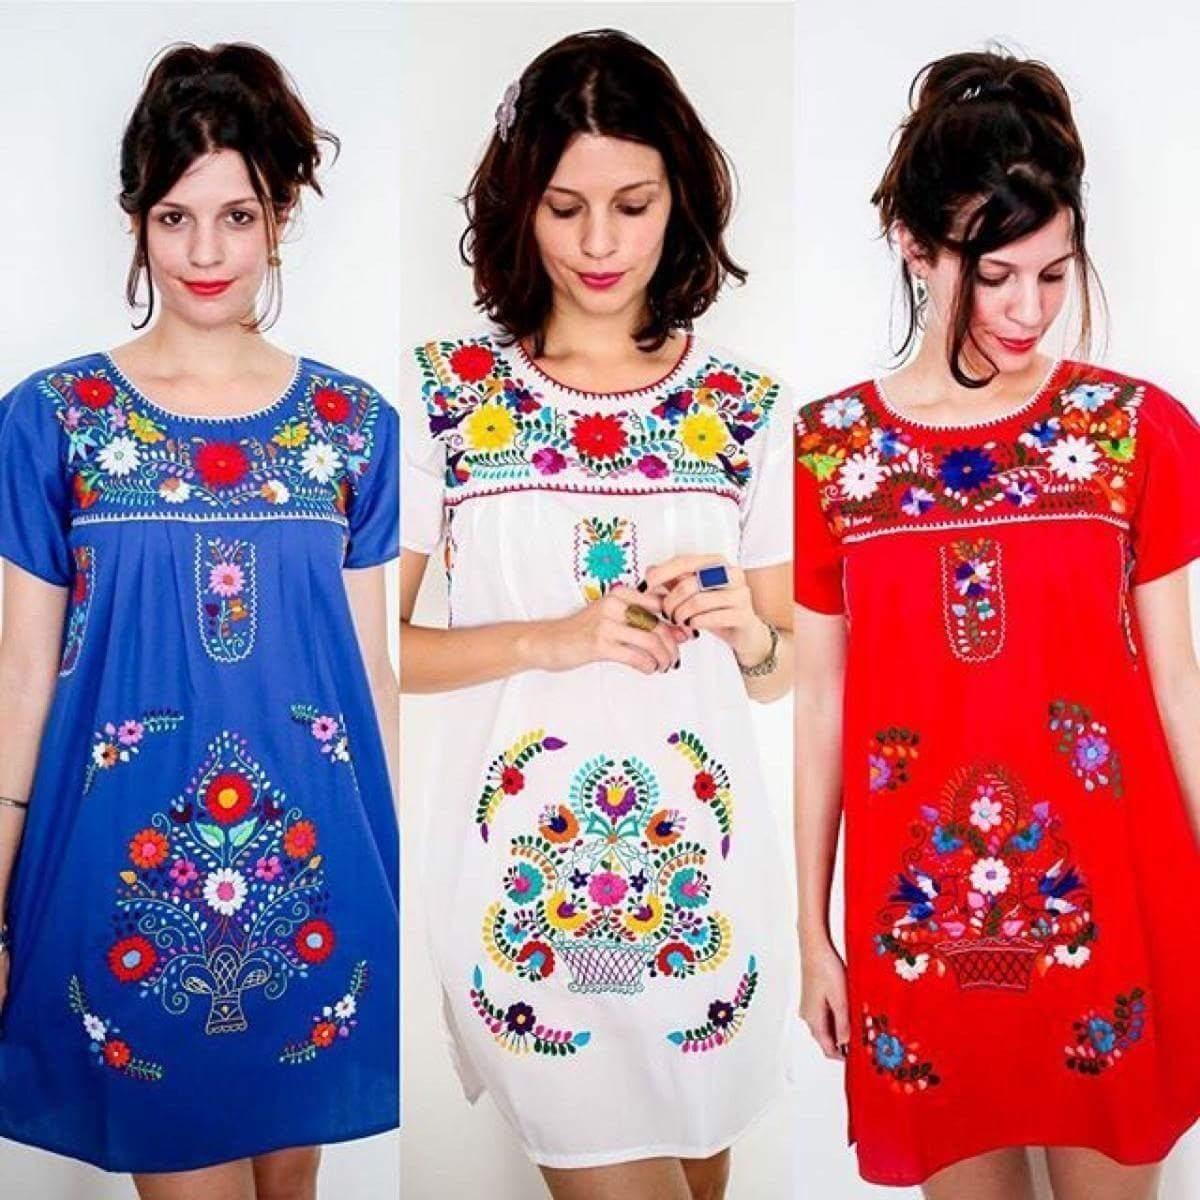 51baf9f61 Los vestidos de folklore mexicano se utilizan por los bailarines  folclóricos tradicionales y son muy elegantes en su aspecto general.